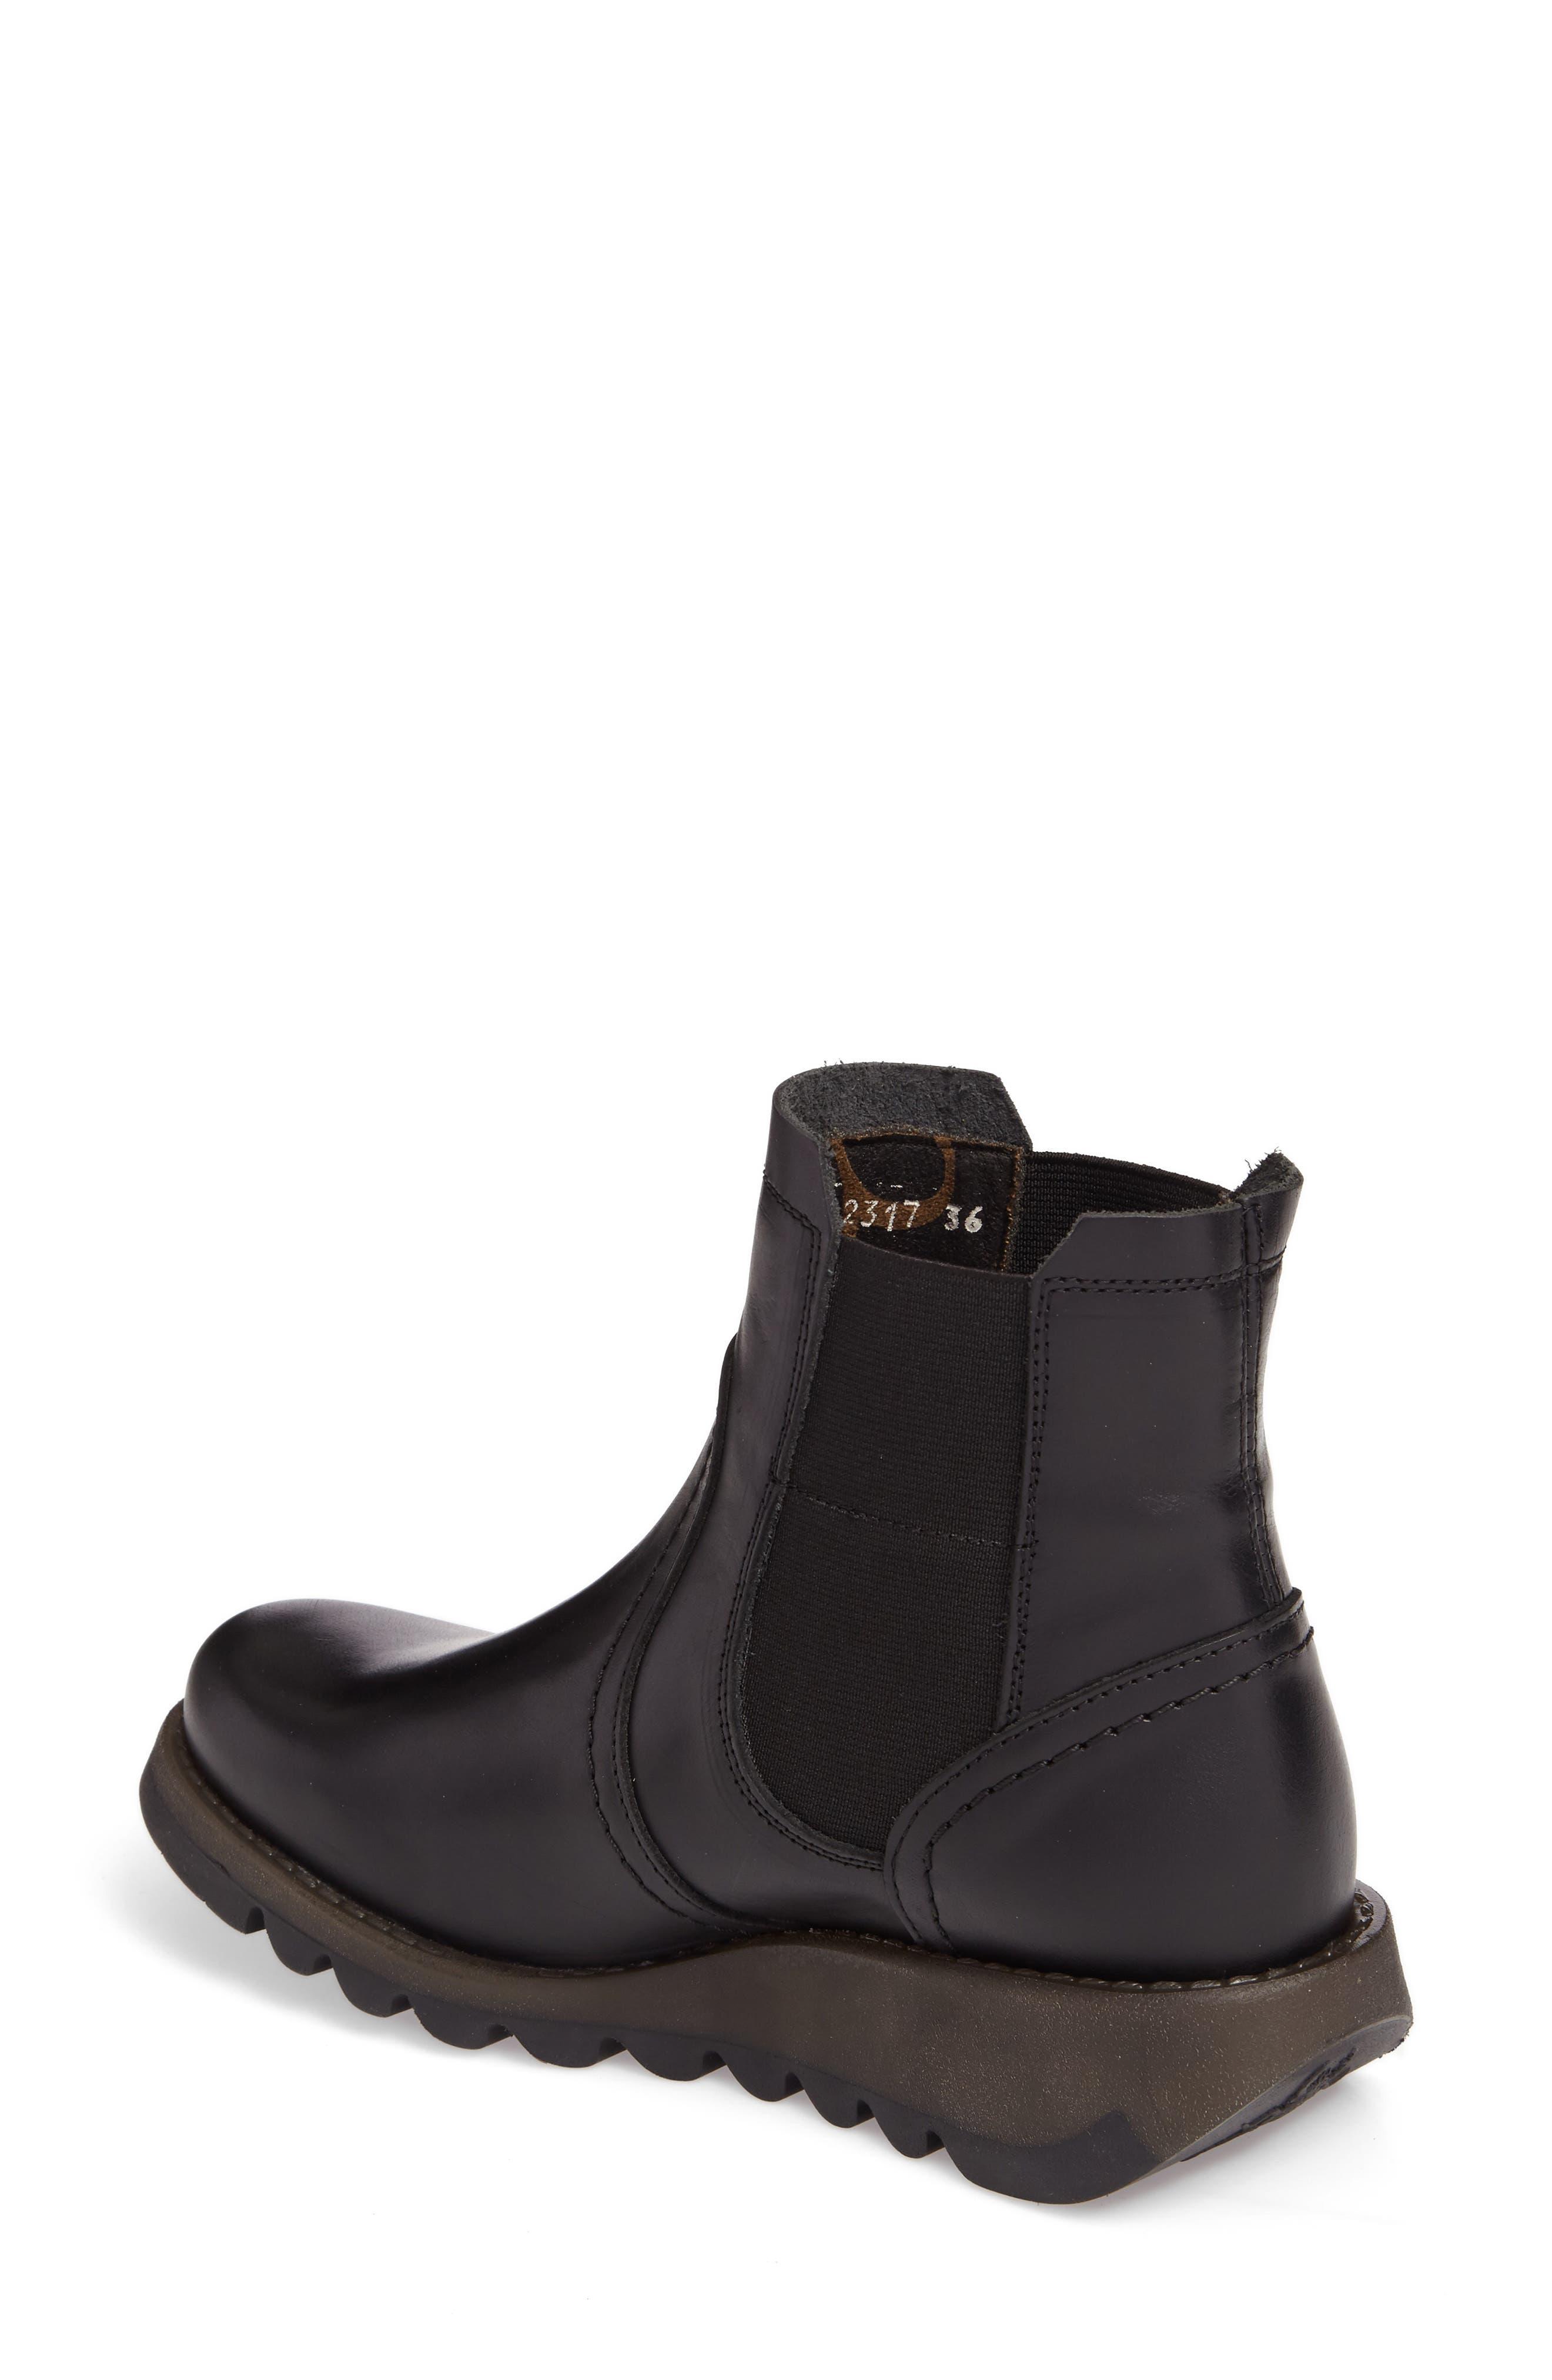 Alternate Image 3  - Fly London Scon Waterproof Gore-Tex® Chelsea Boot (Women)